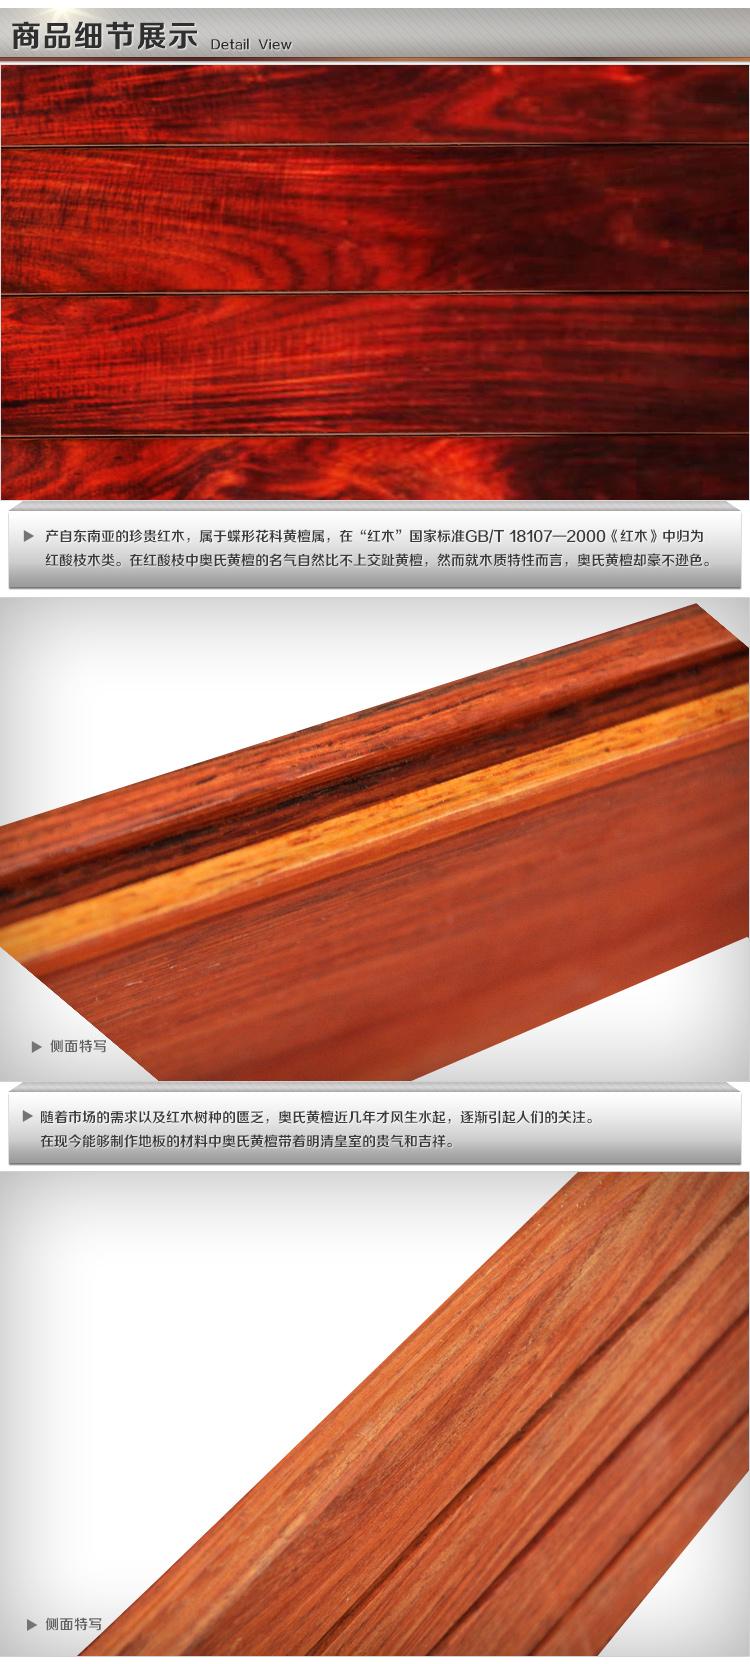 大自然地板22mm木香居檀木奥氏黄檀地板pu漆木蜡油